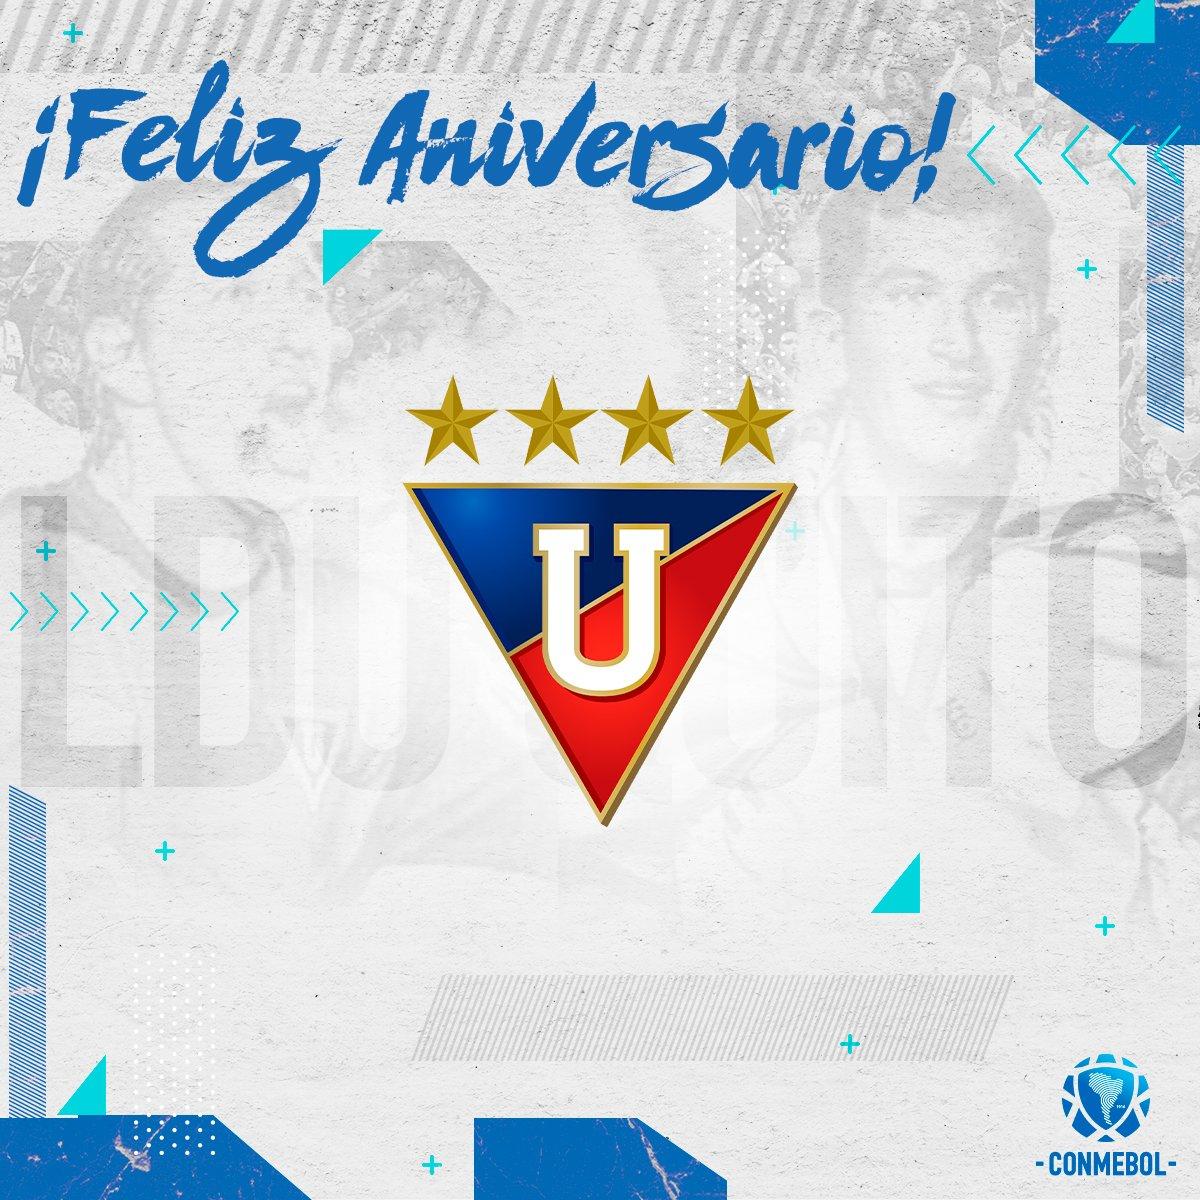 Hoy cumple 102 años de vida institucional @LDU_Oficial 🇪🇨.  Campeón de la @Libertadores y de la @Sudamericana, saludamos a un grande del fútbol ecuatoriano.🏆  Felicidades, Albos 🥳🎂 https://t.co/eGM5GUPRqO